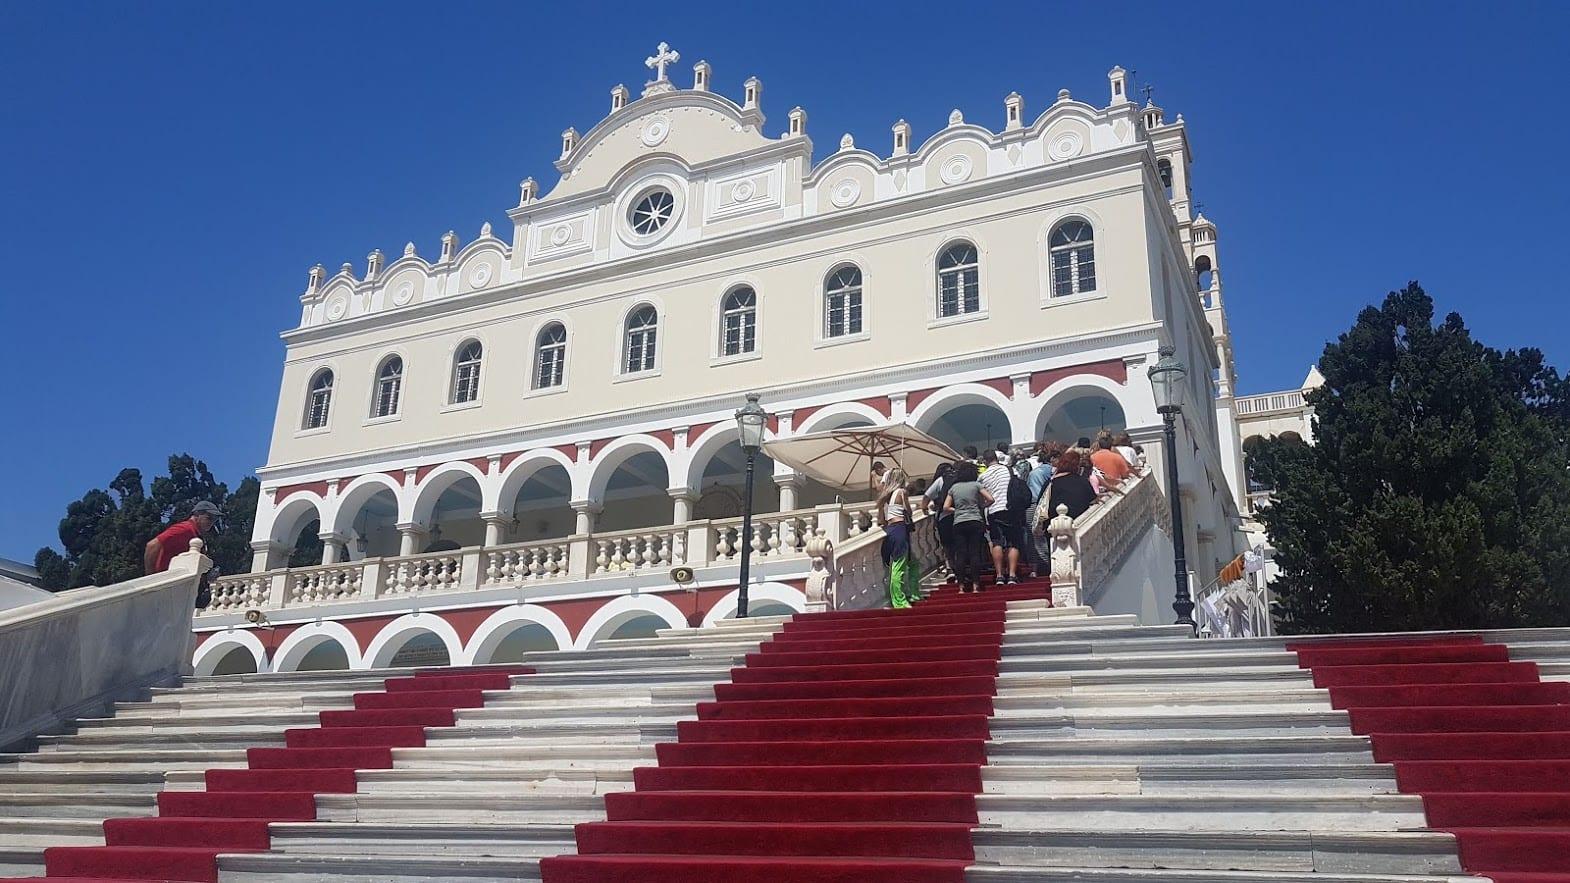 Panagia Evangalestria in Tinos Island